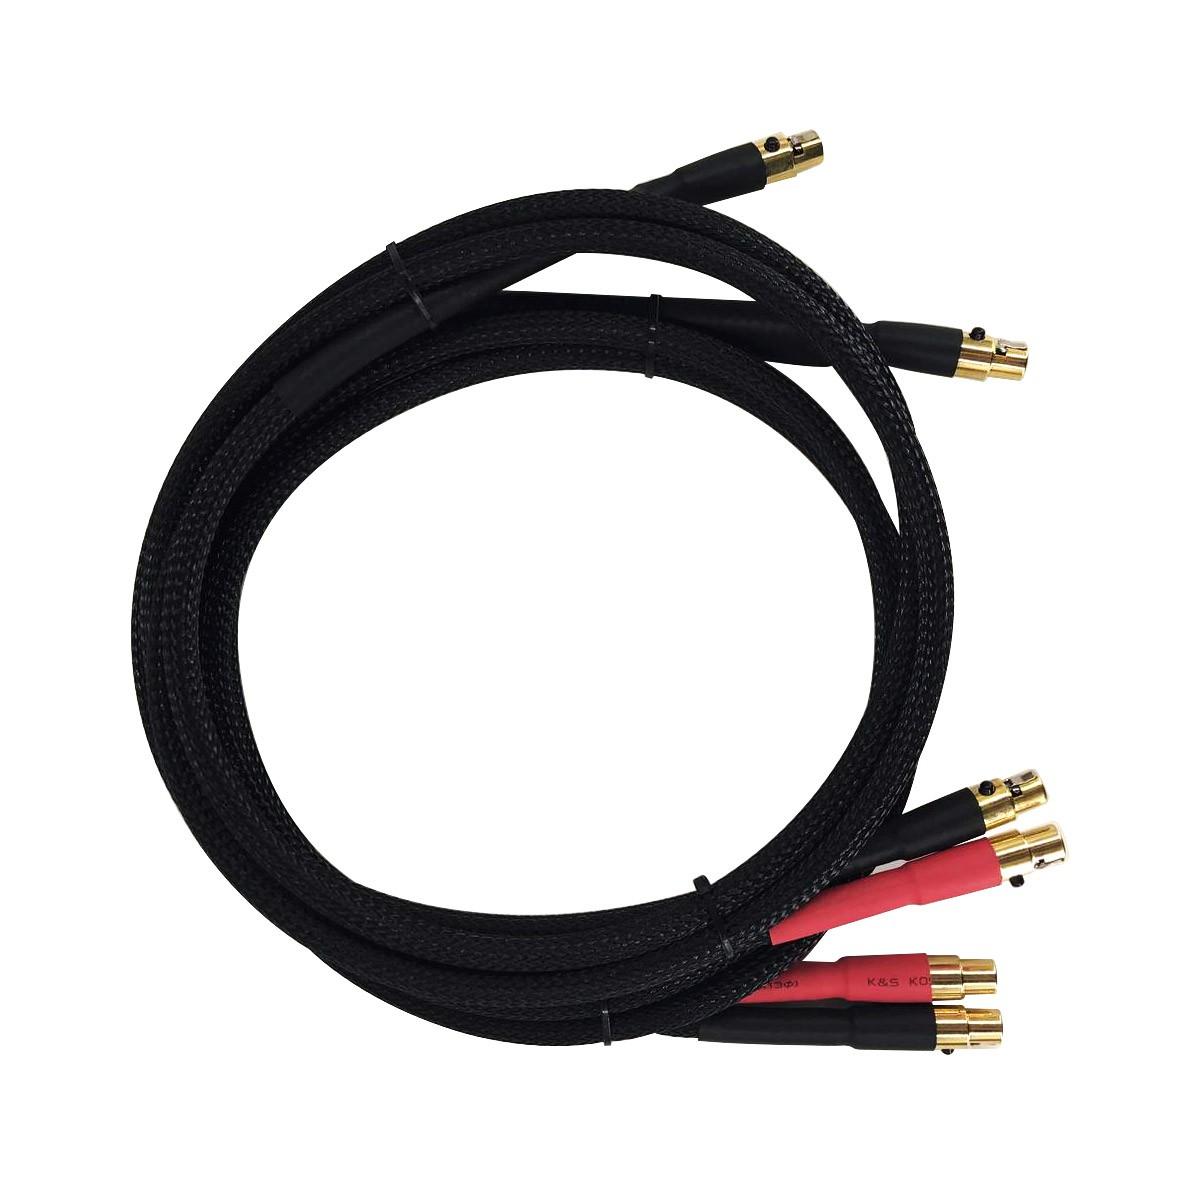 AUDIO-GD BRIDGE ACSS Câble de Modulation ACSS pour Precision 3 1m (La paire)